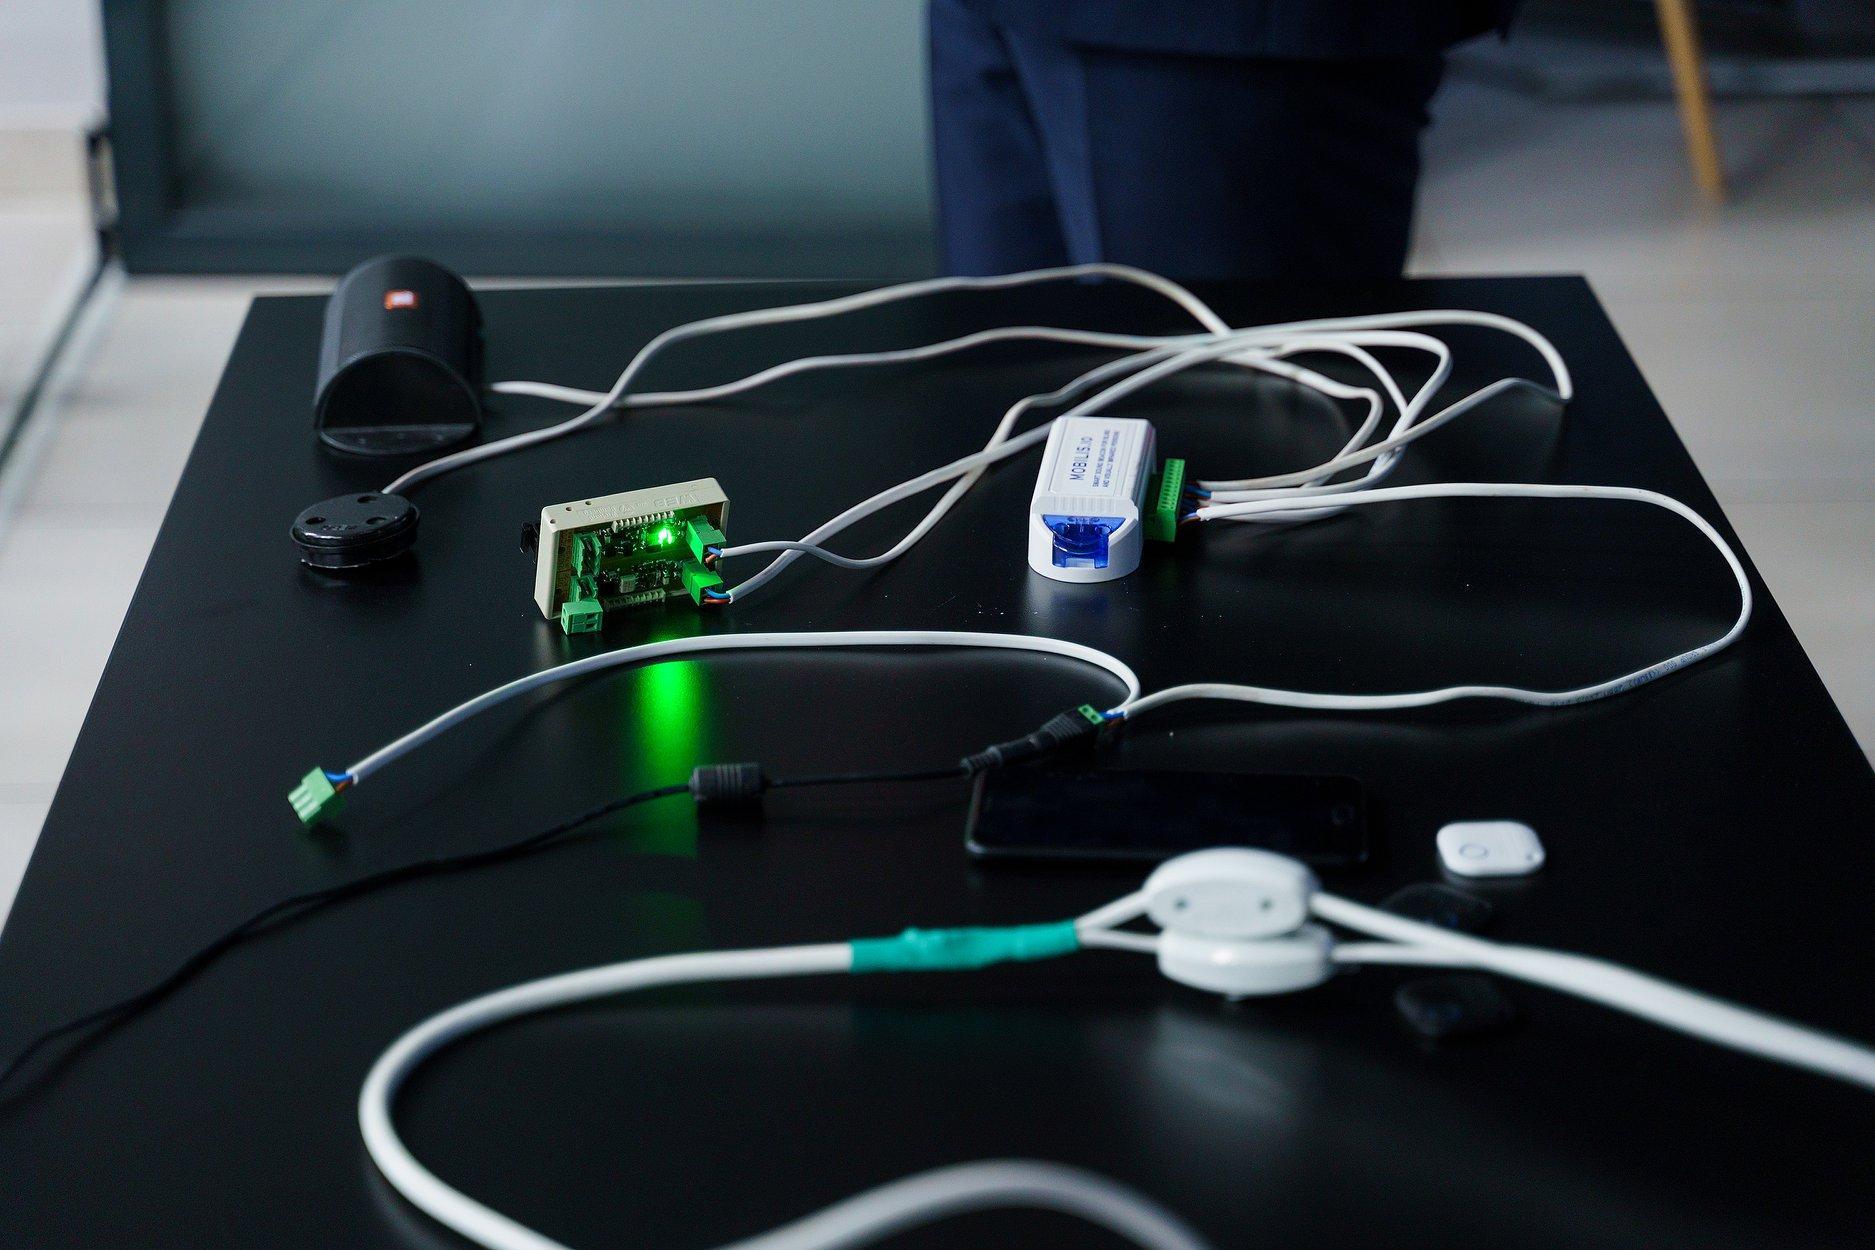 """На об'єктах Вінниці розмістять """"розумні"""" звукові маячки для незрячих людей (Фото)"""